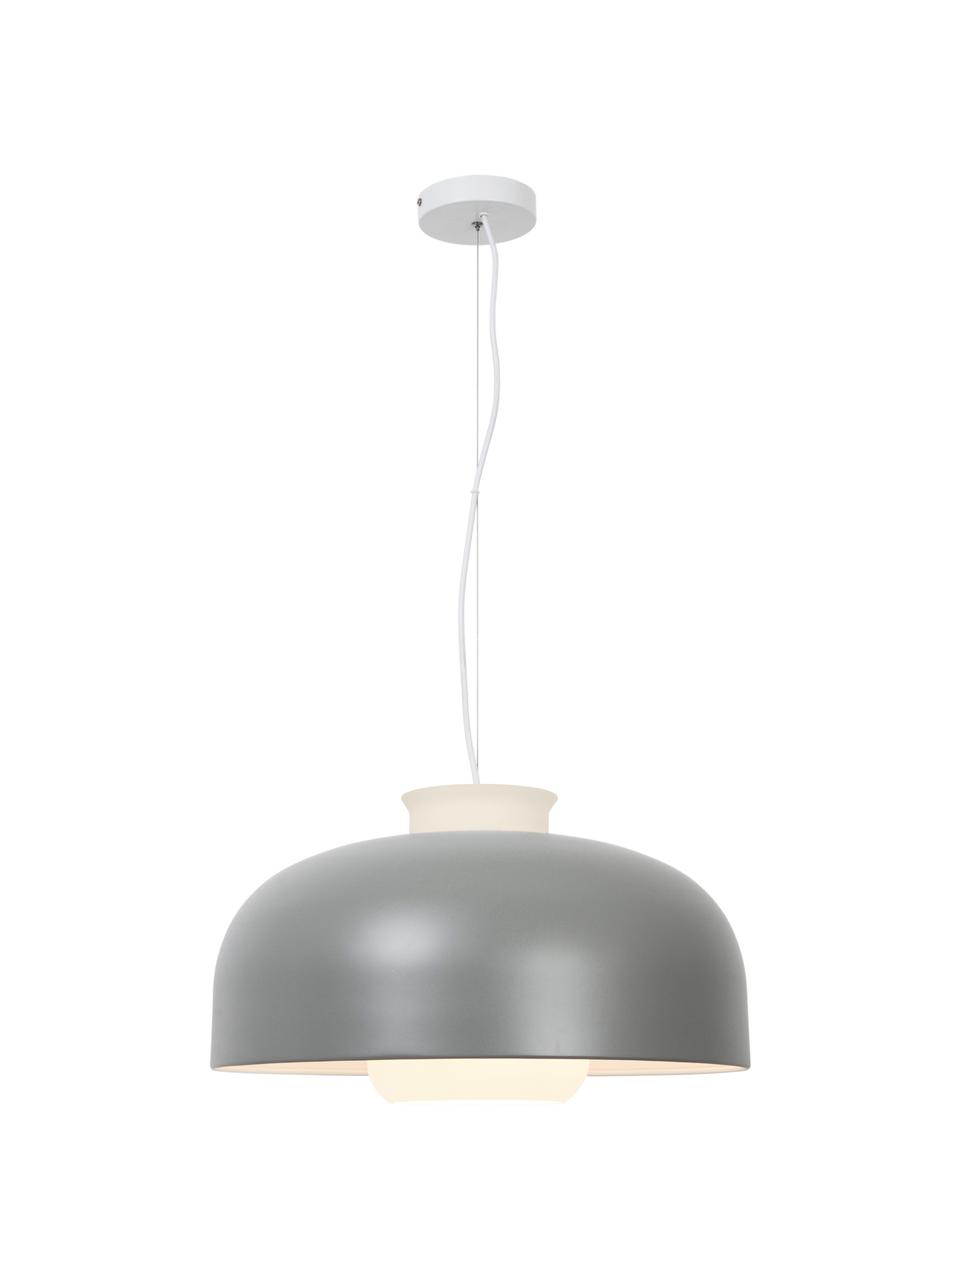 Retro-Pendelleuchte Miry, Lampenschirm: Metall, beschichtet, Baldachin: Metall, Grau, Ø 50 x H 28 cm